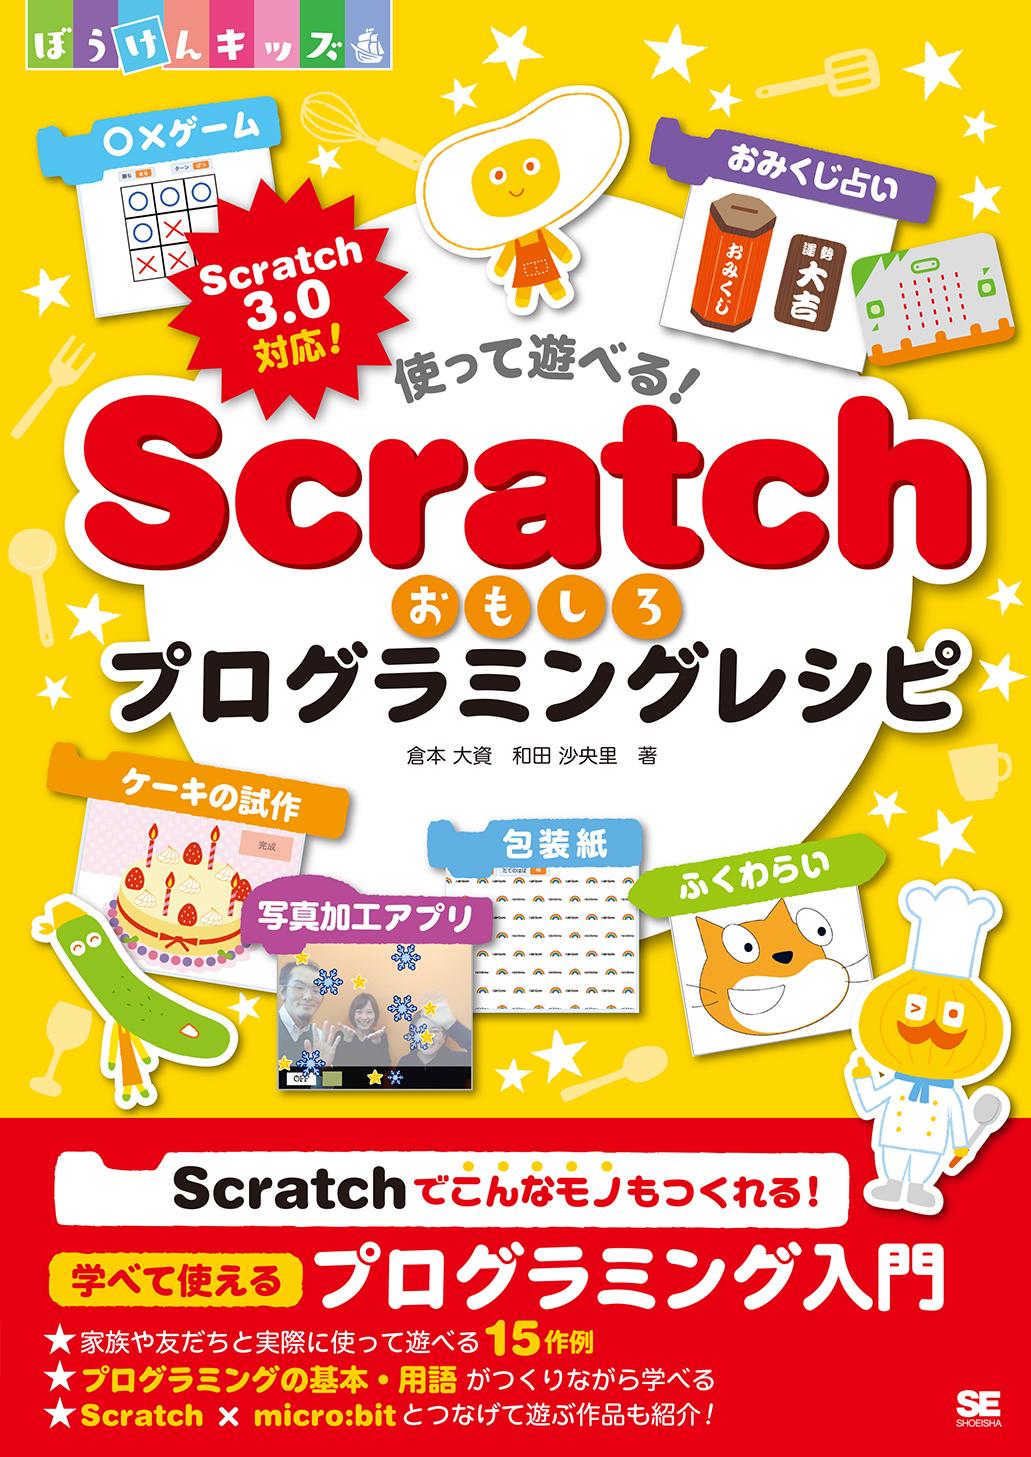 使って遊べる!Scratchおもしろプログラミングレシピ(翔泳社)